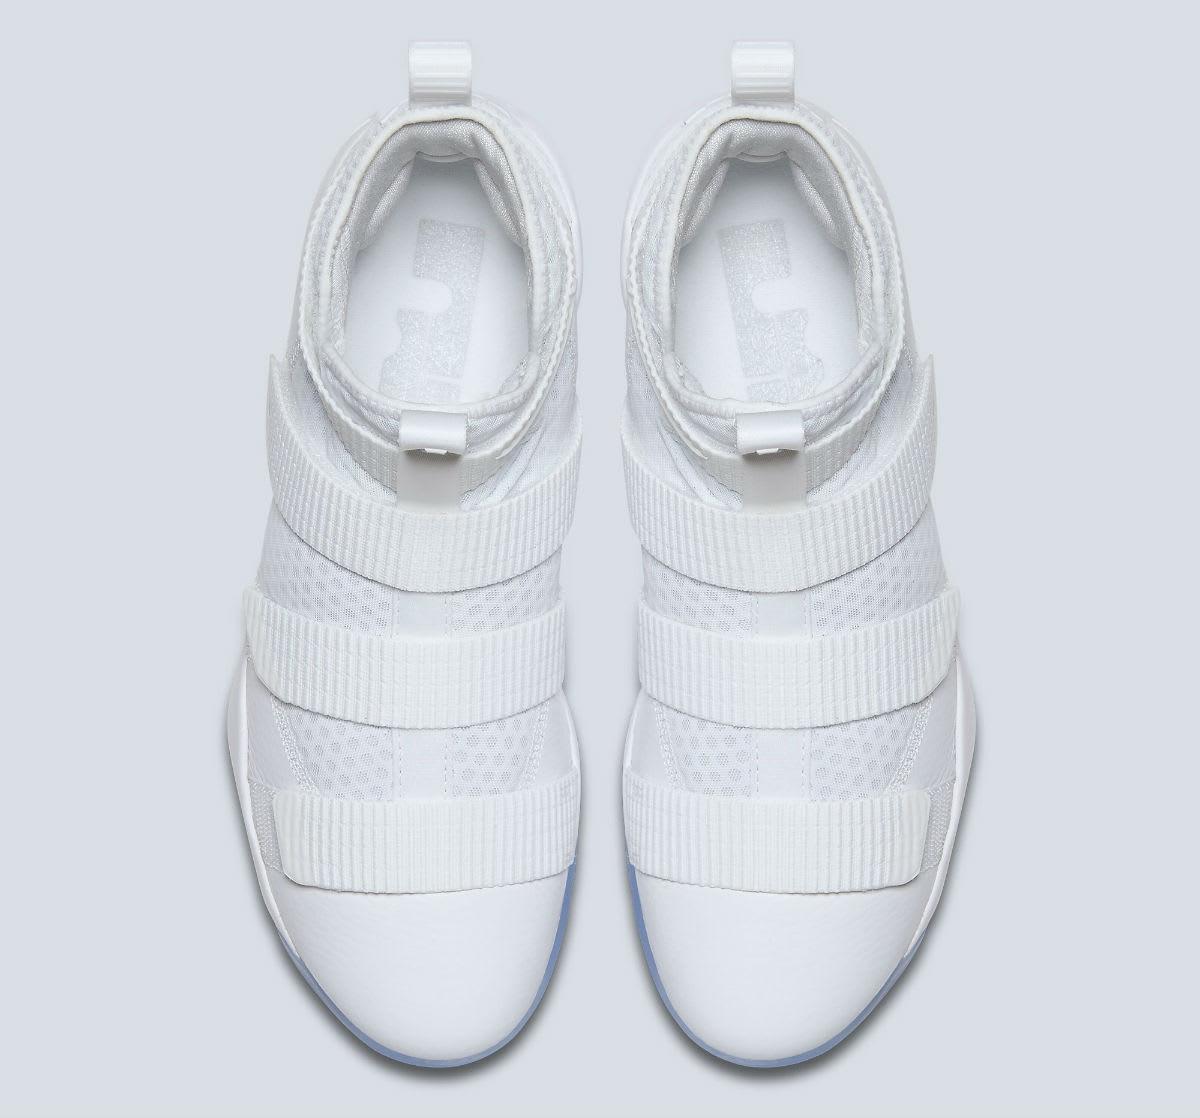 497e1c69c3e11 ... Nike LeBron Soldier 11 White Release Date Top 897644-103 ...